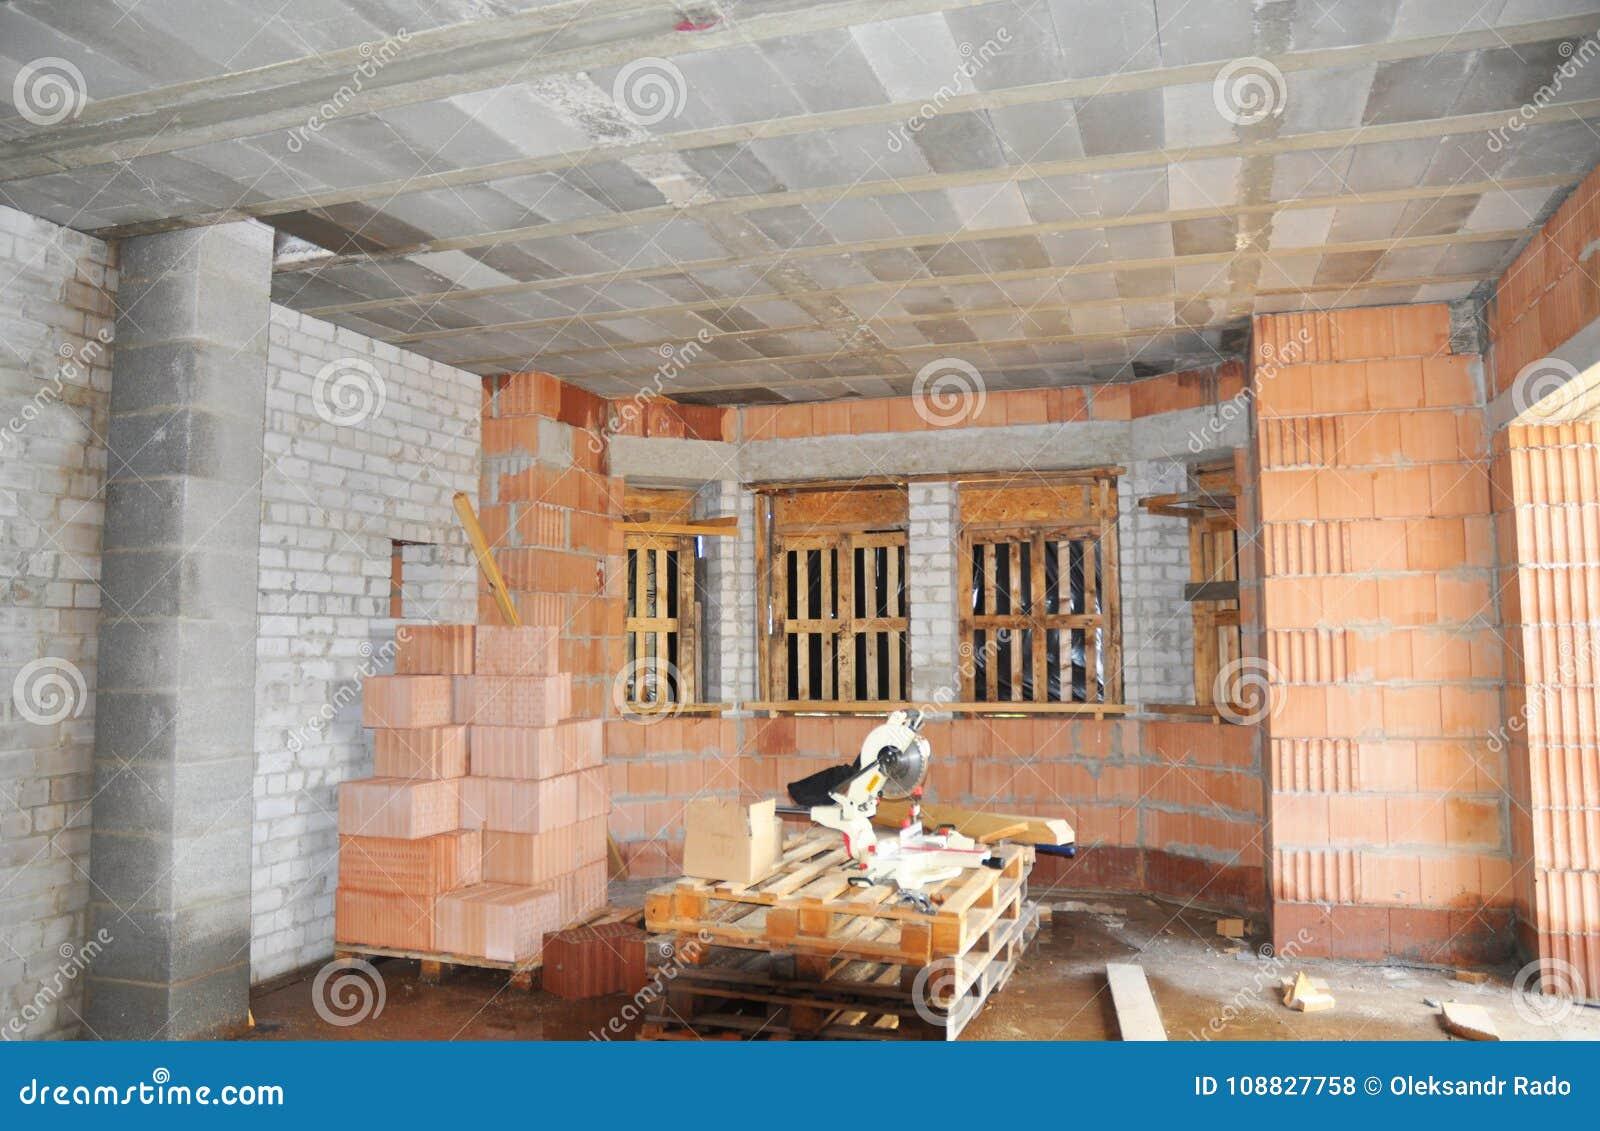 plafond avec poutre awesome plafond de cuisine lgant eclairage plafond avec poutres fashion. Black Bedroom Furniture Sets. Home Design Ideas